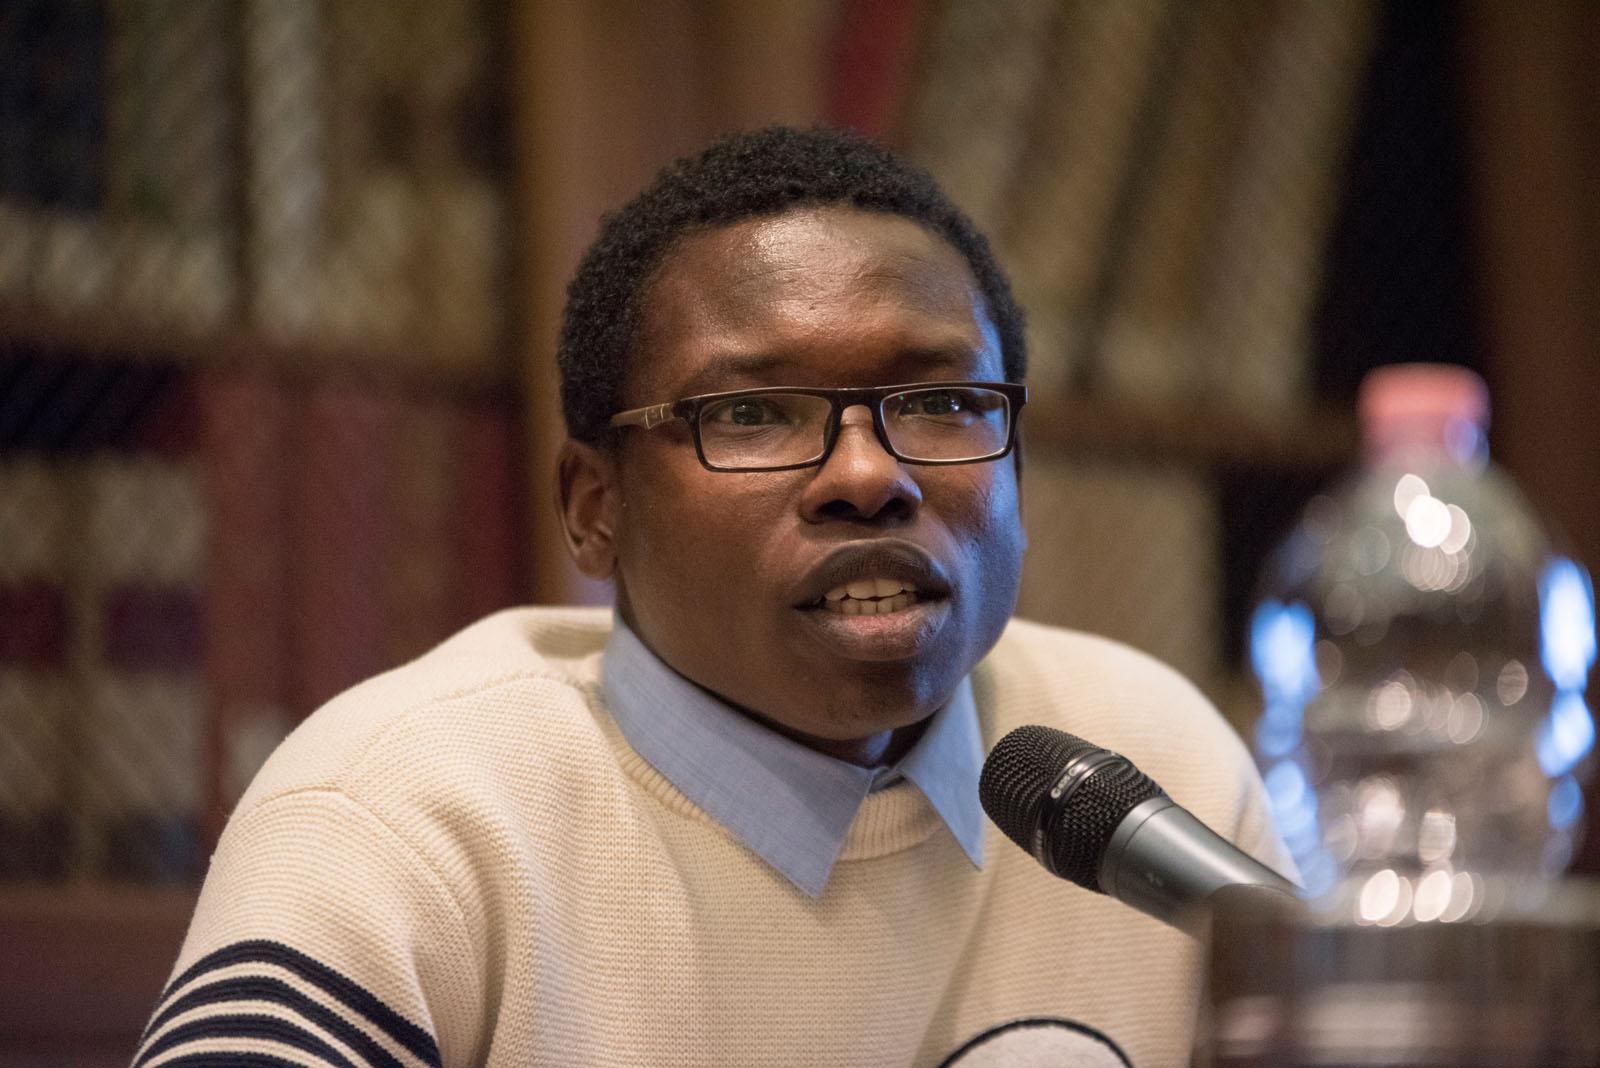 Abbas Ismail Mohamed, dal Sudan, profugo attraverso la Libia e il Mediterraneo